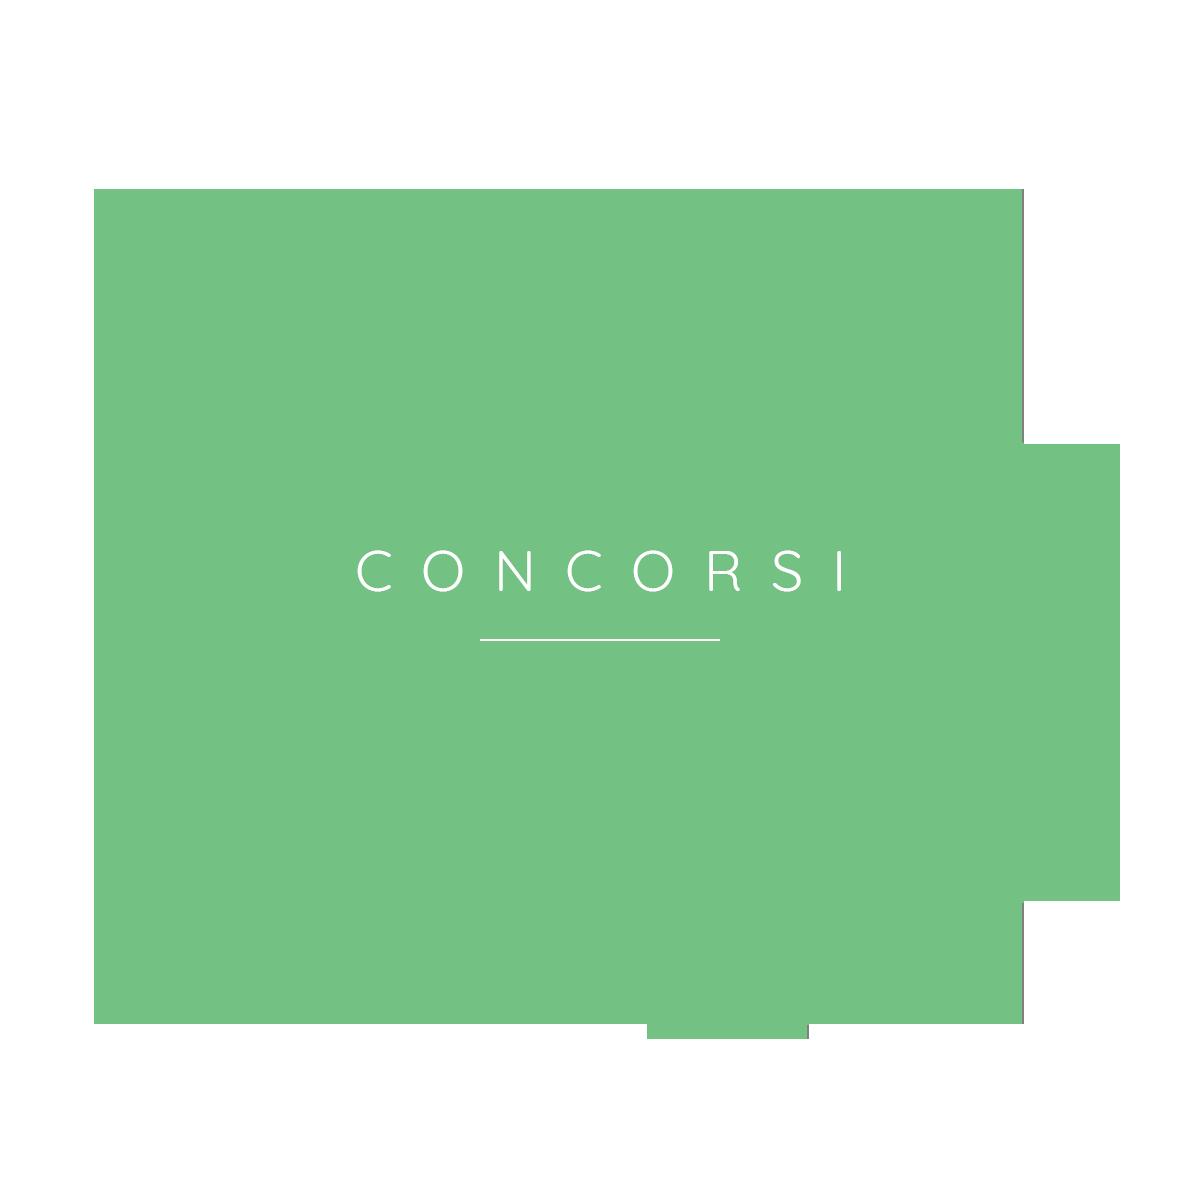 FSC_Text-CONCORSI